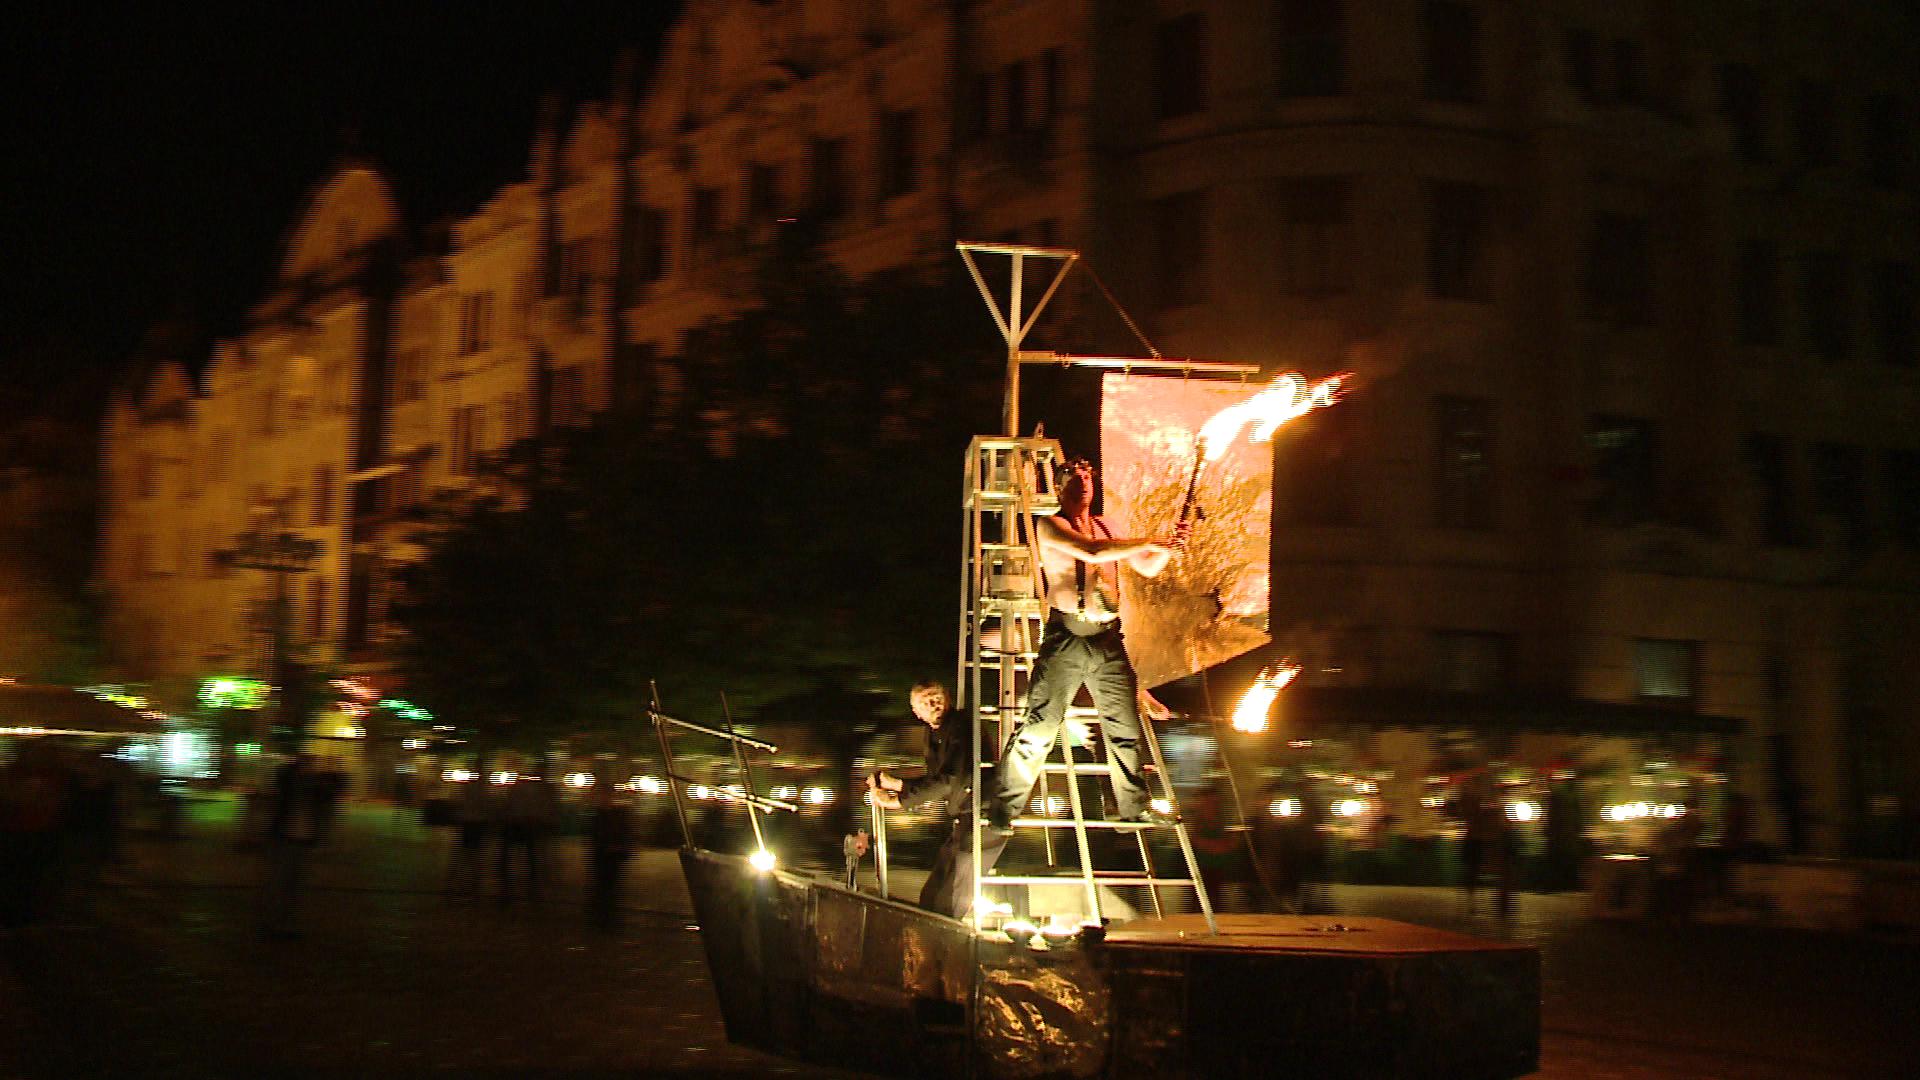 Corabia cu arta a navigat in centrul Timisoarei. Sute de oameni au admirat spectacolul inedit